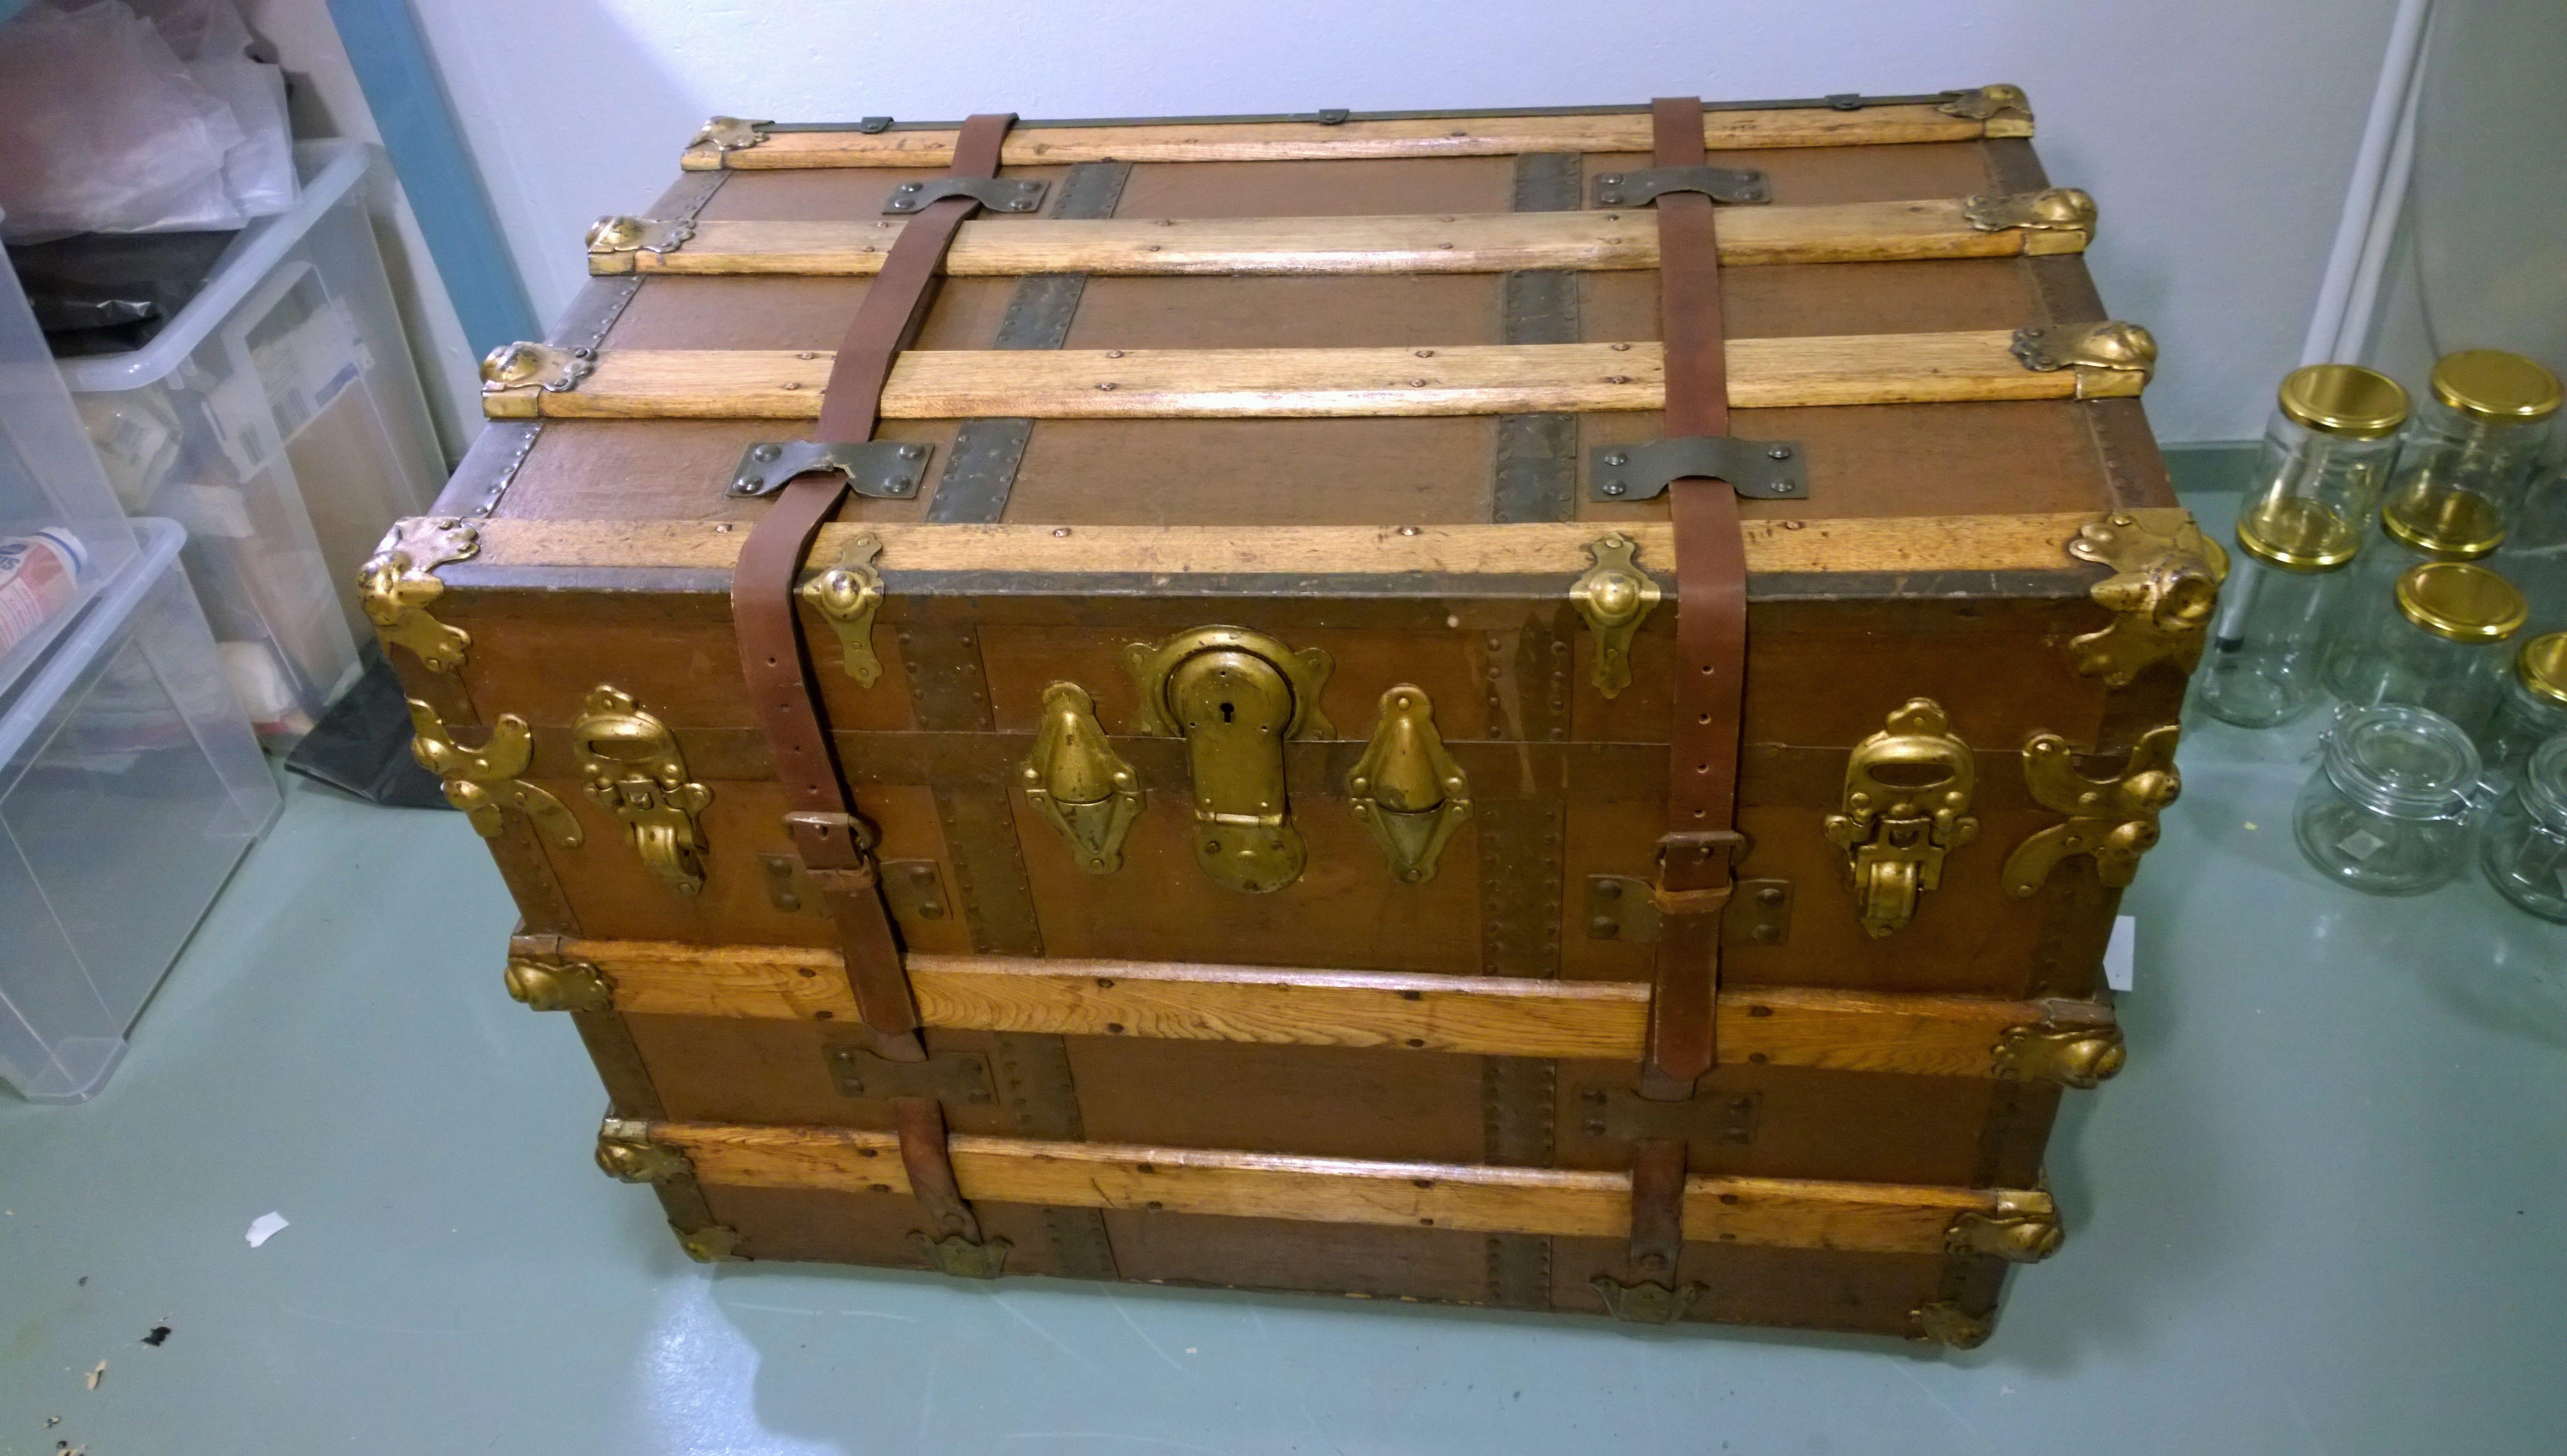 1900-luvun alkupuolella valmistettu Amerikan arkku restauroituna. Todella kaunis ja hyväkuntoinen yksilö :)